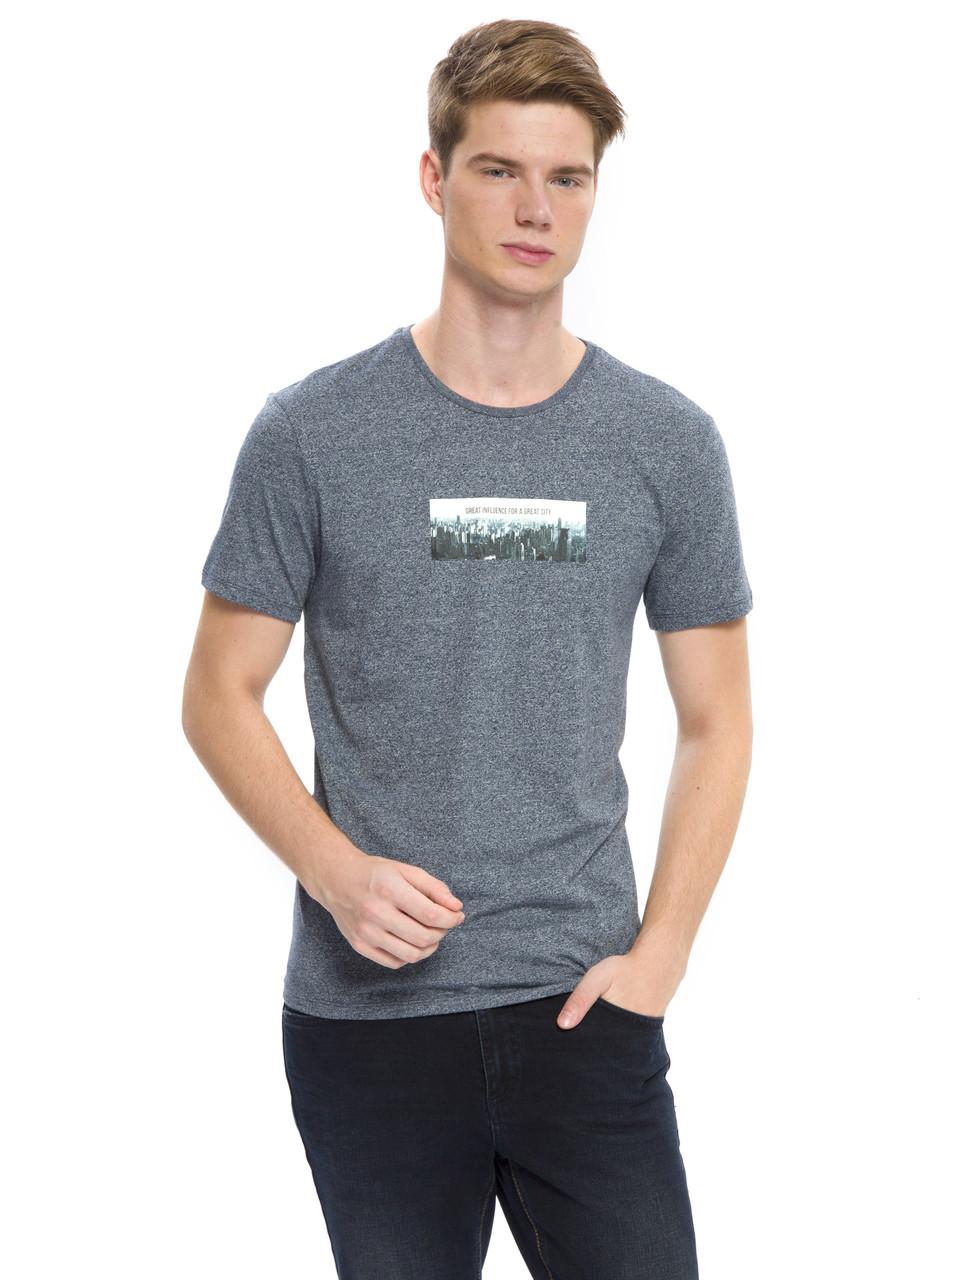 Серая мужская футболка LC Waikiki / ЛС Вайкики с картинкой на груди